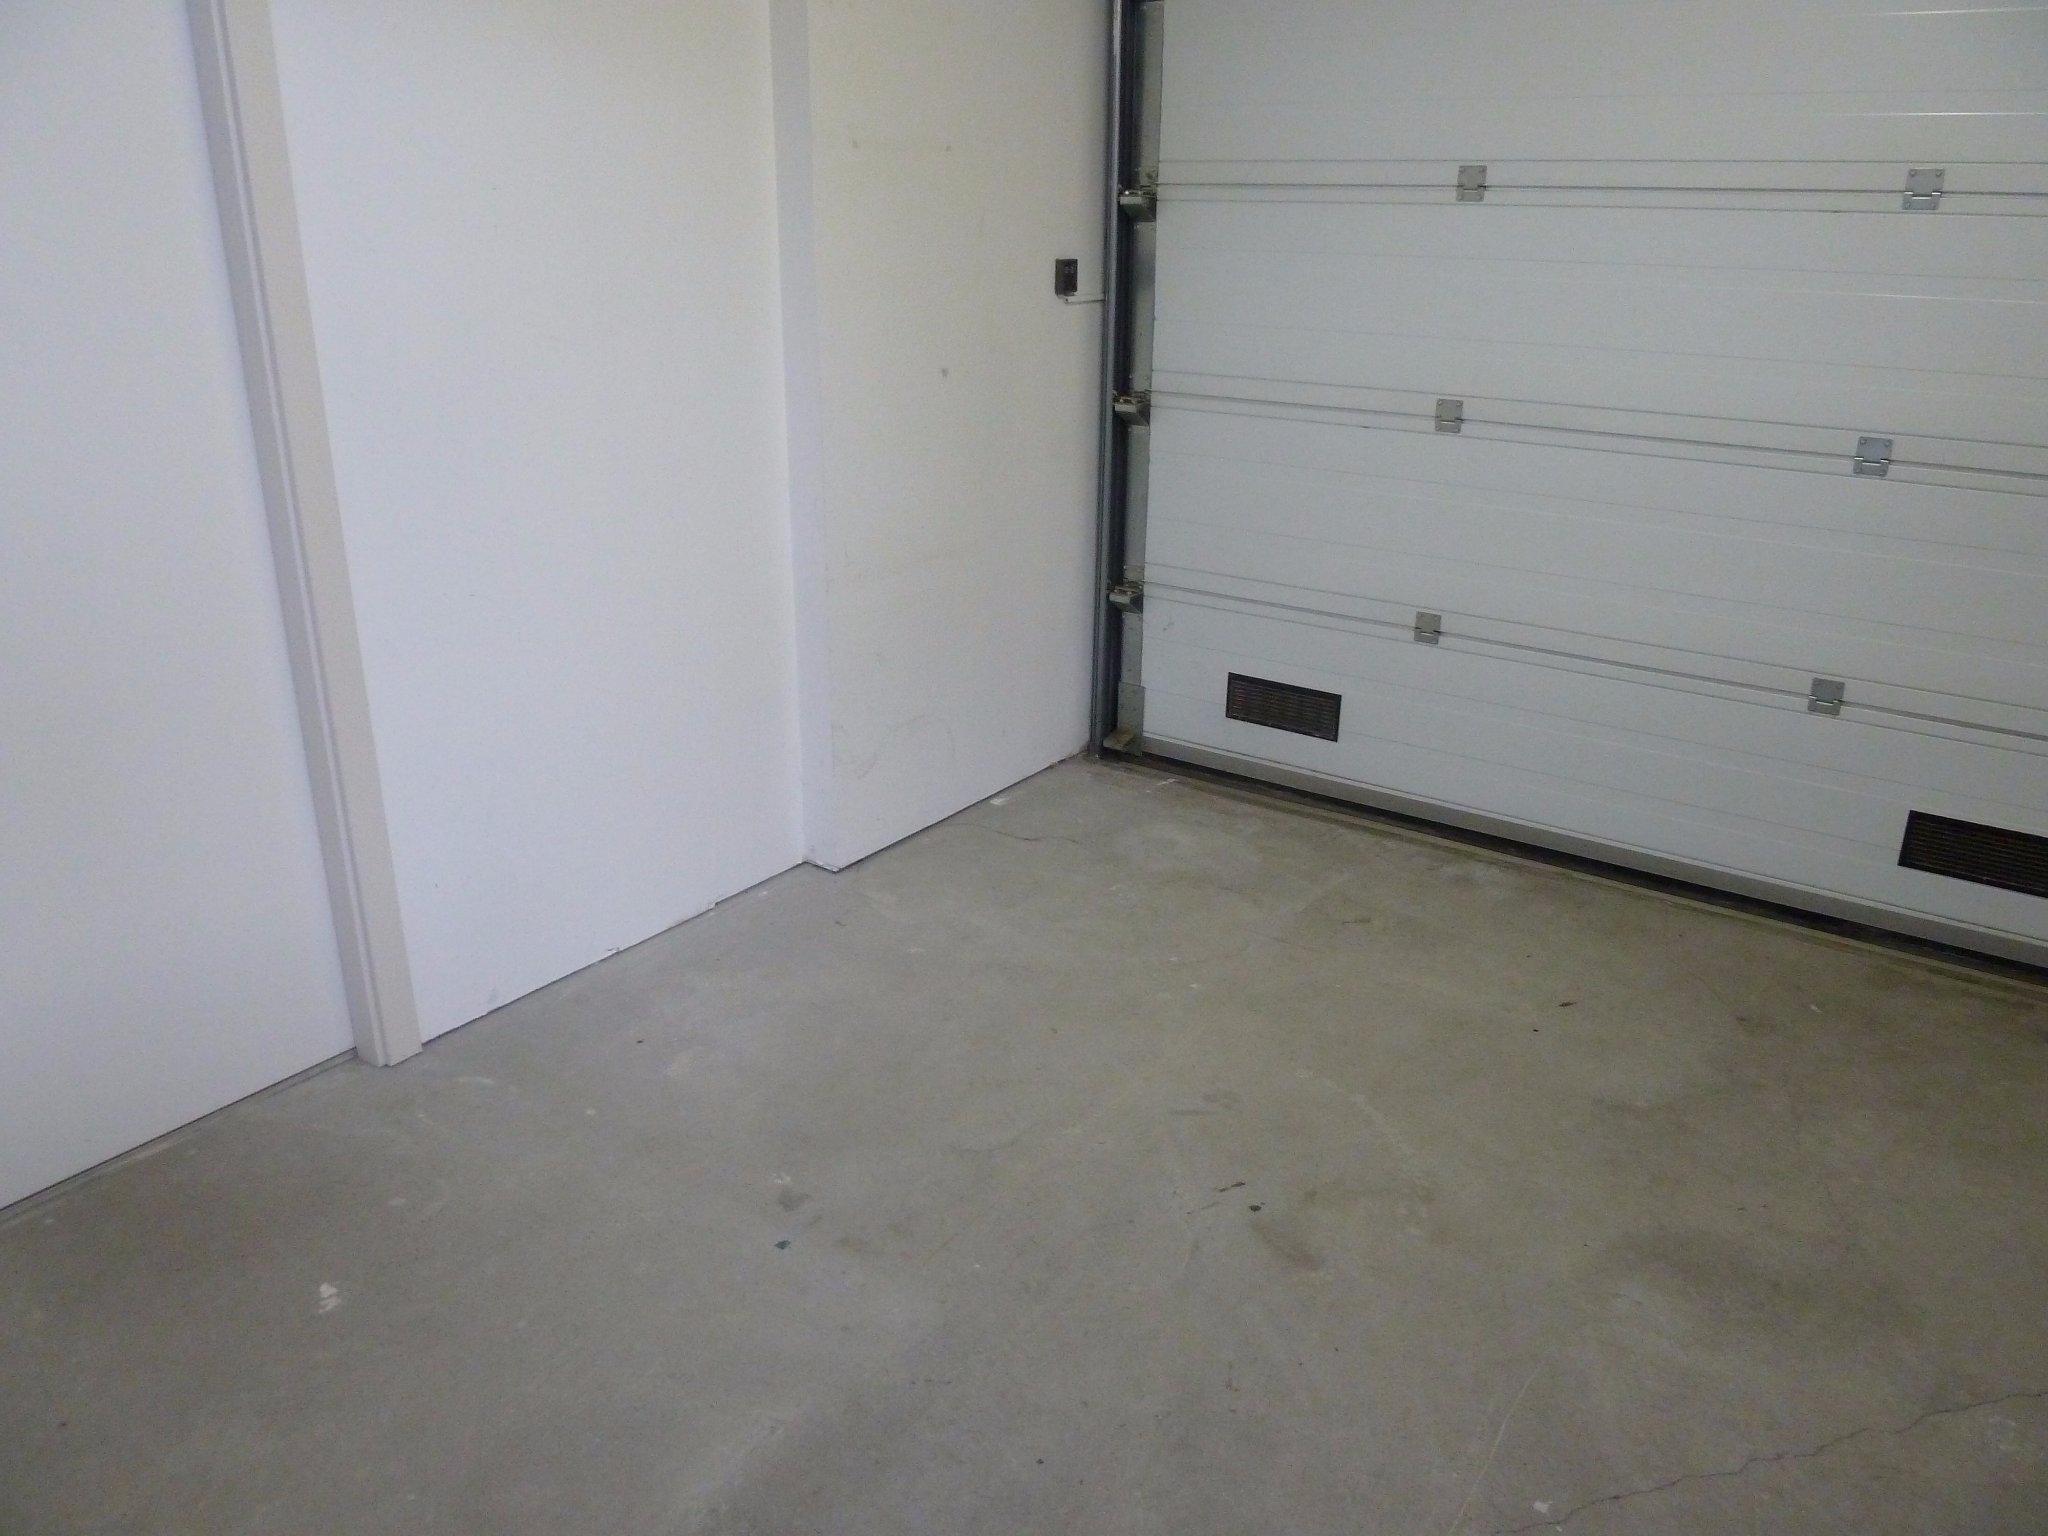 Tegels Voor Garage.Tegelvloer Leggen In Garage Bijkeuken Met Plinten Uit Tegels